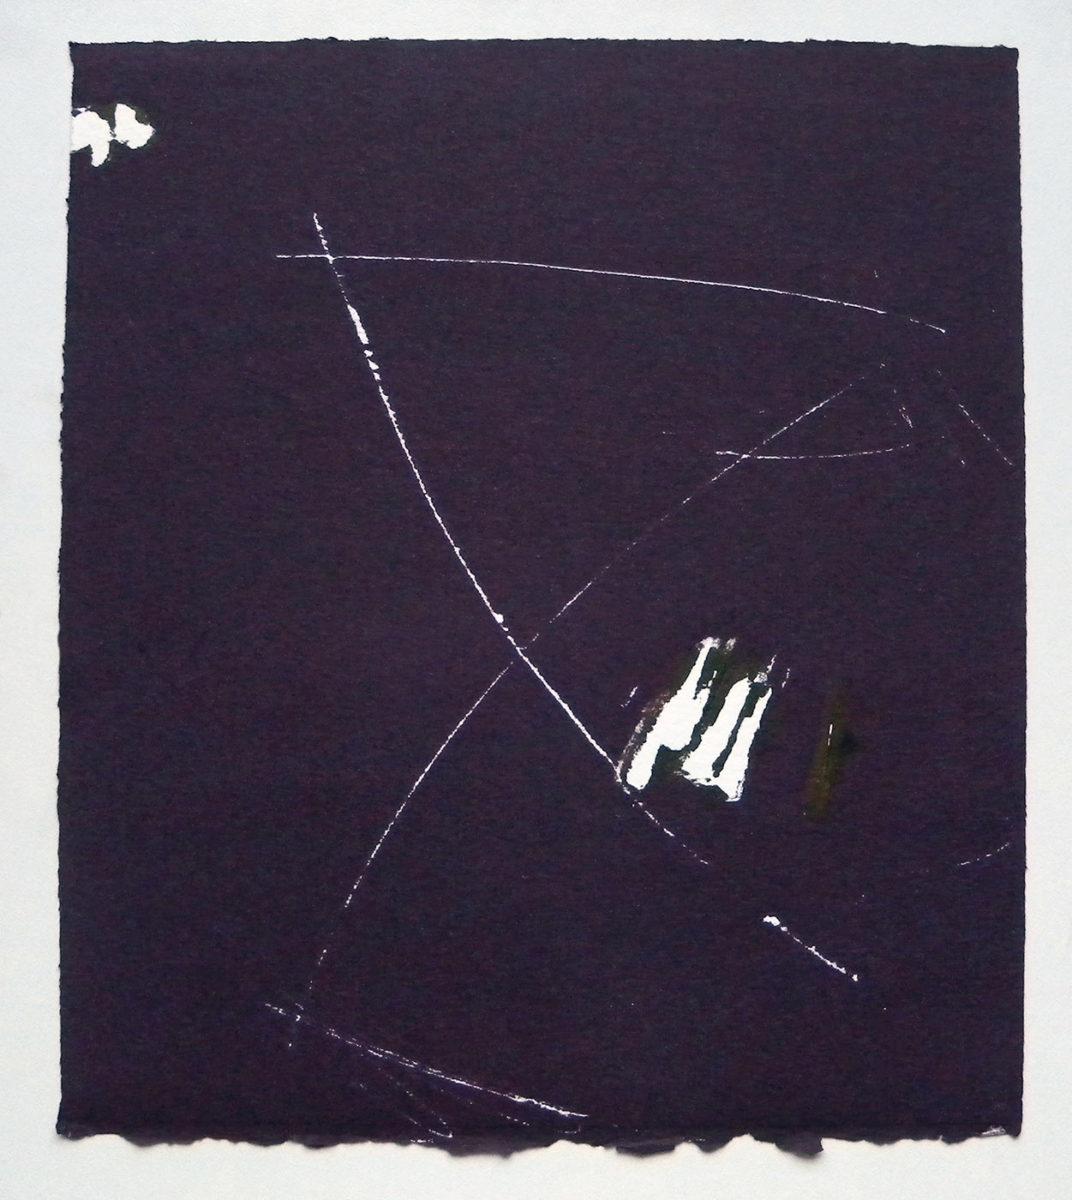 MARC FELD 2012 SONG FOR STEVE LACY 13 Gravure sur bois encre sur papier 25 x 26 cm (Tirage Patrick Vernet)